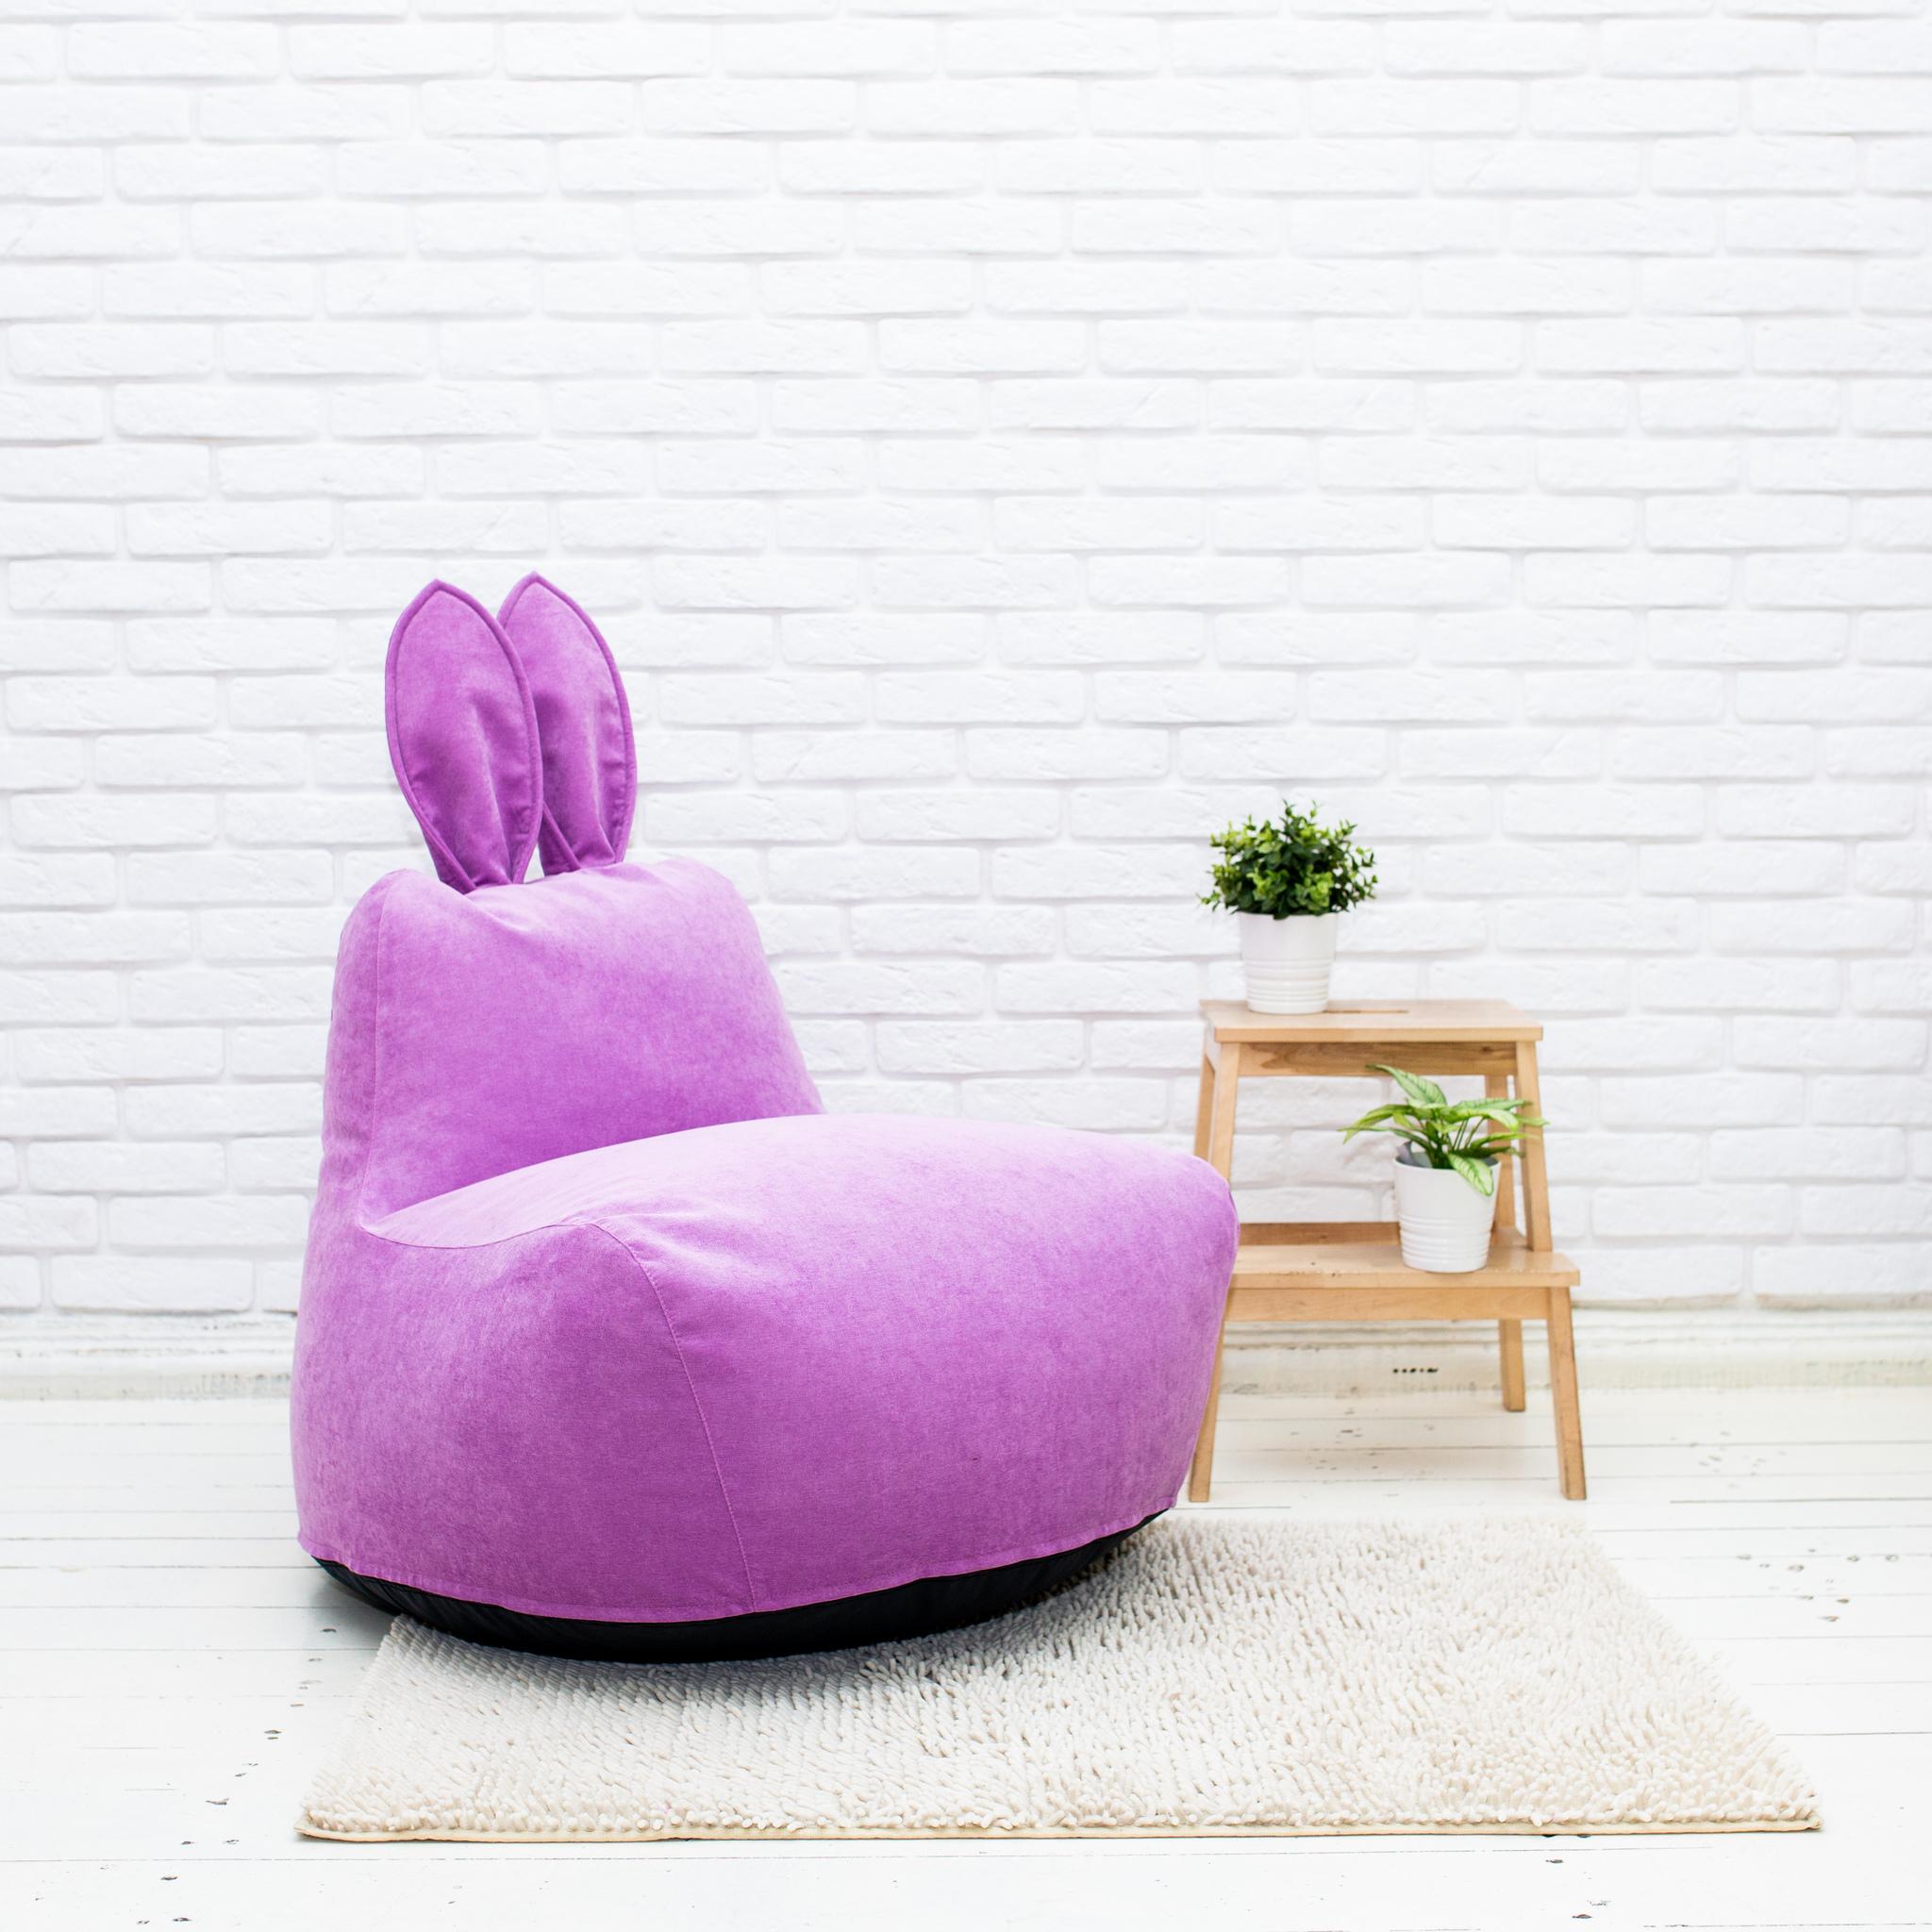 Кролик M тканевый (сиреневый)